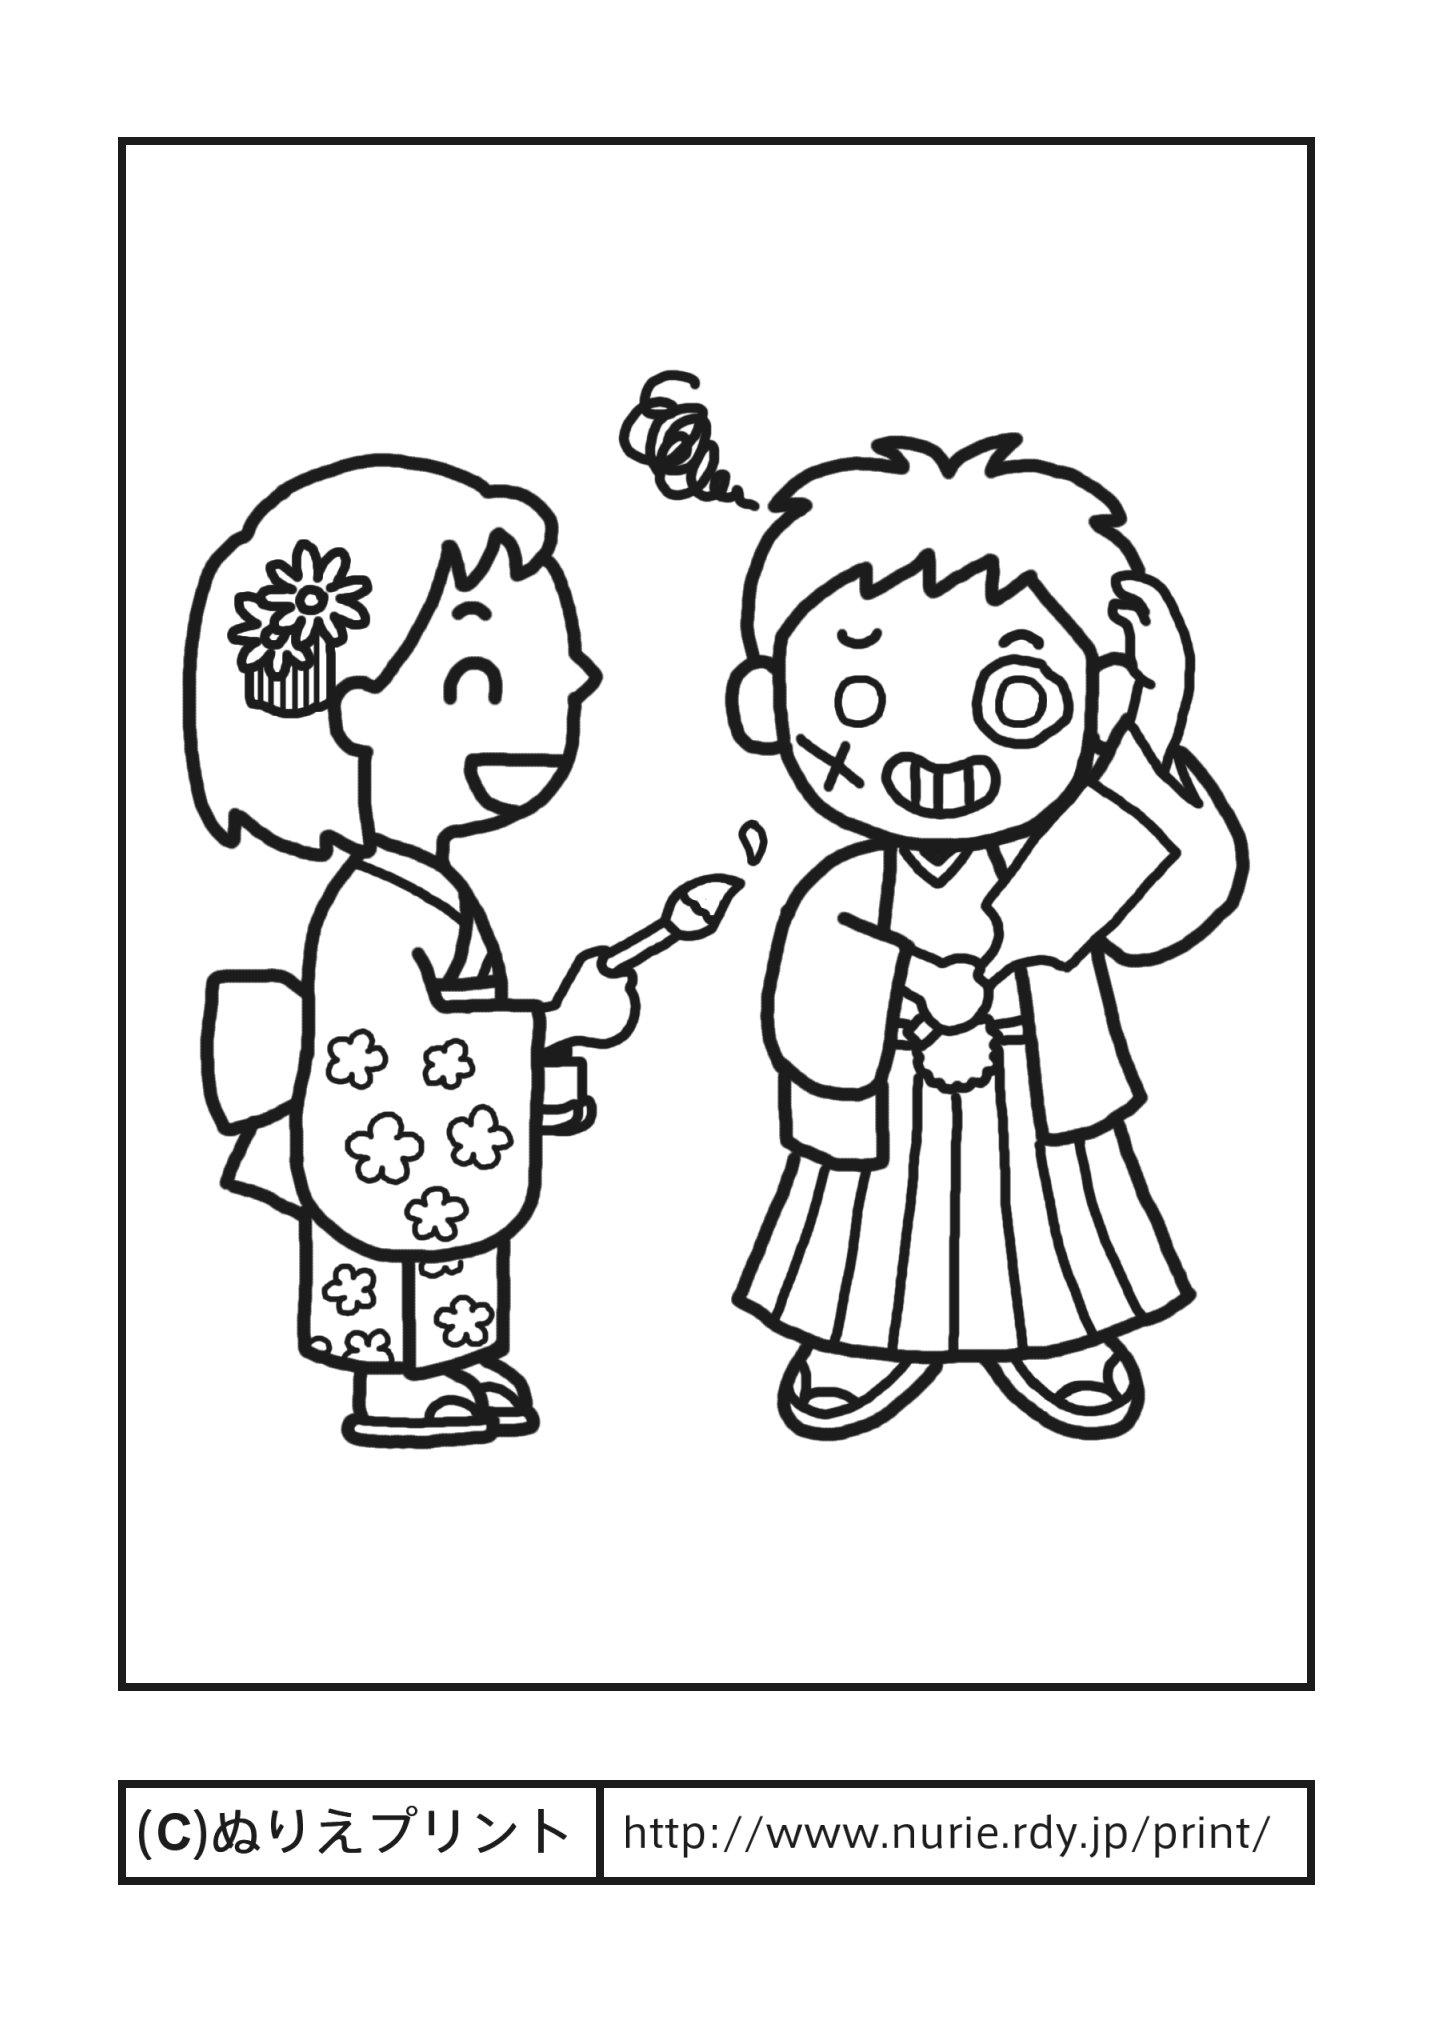 カレンダー アンパンマン カレンダー ダウンロード : ぬりえランド Com 塗り絵無料 ...